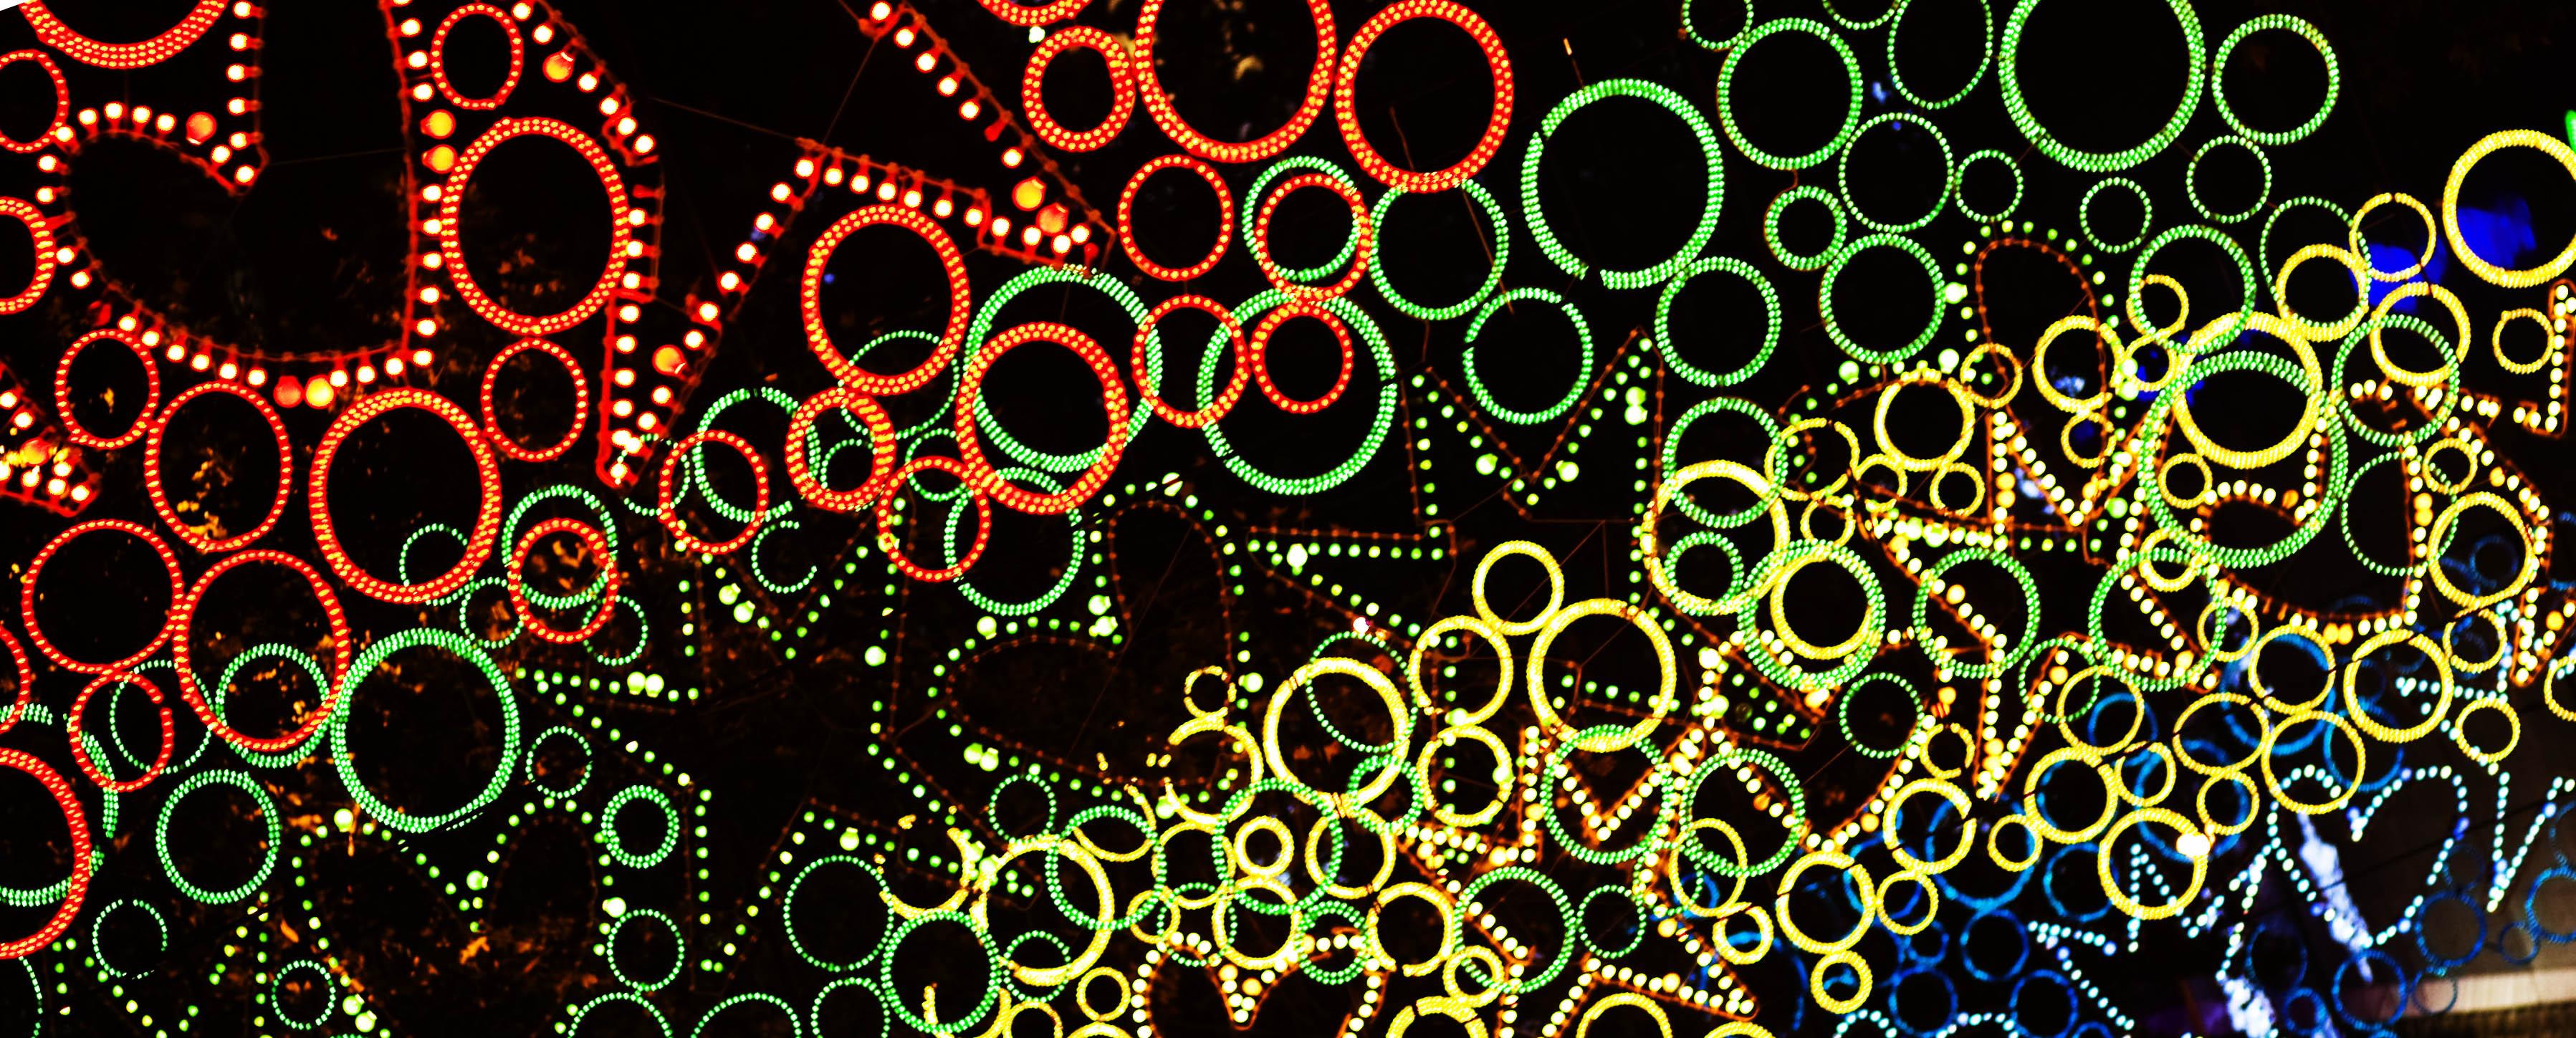 Luces de navidad on kiss fm - Luces para navidad ...